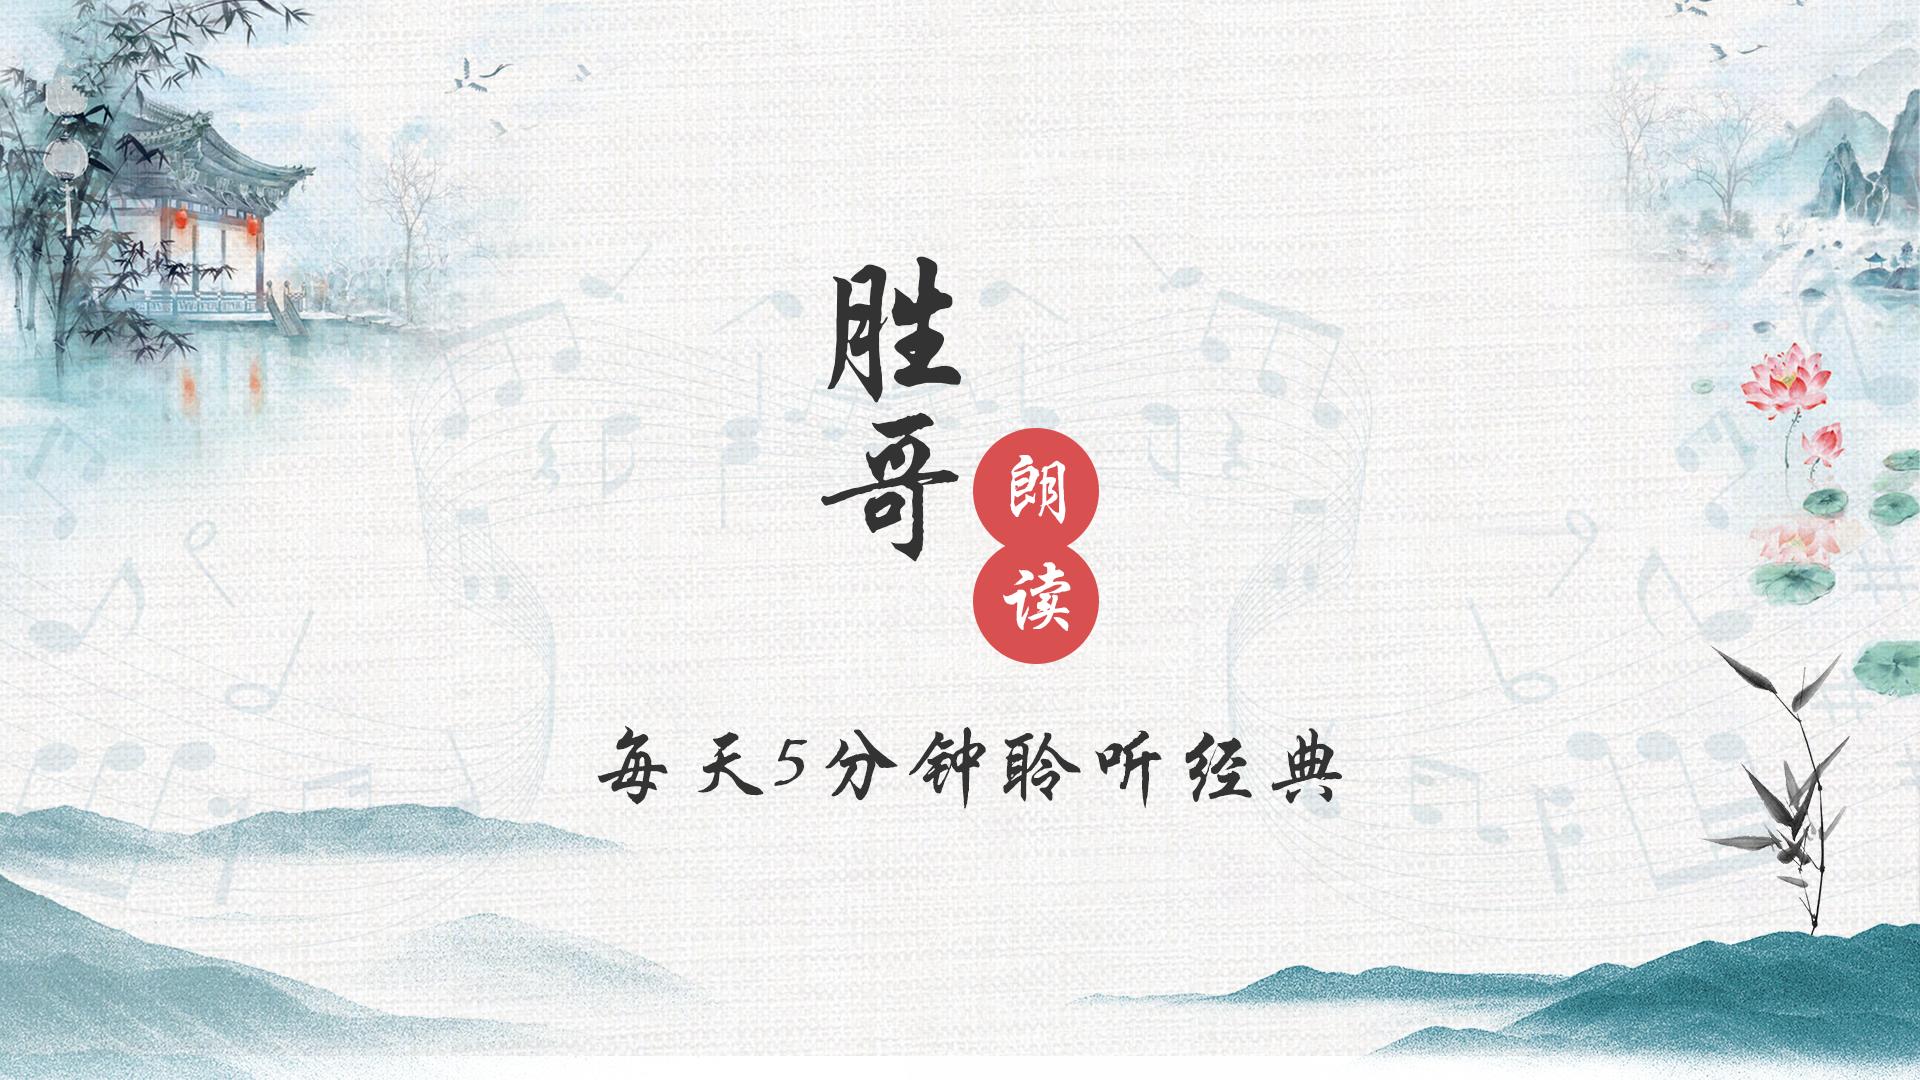 胜哥朗读封面图.png